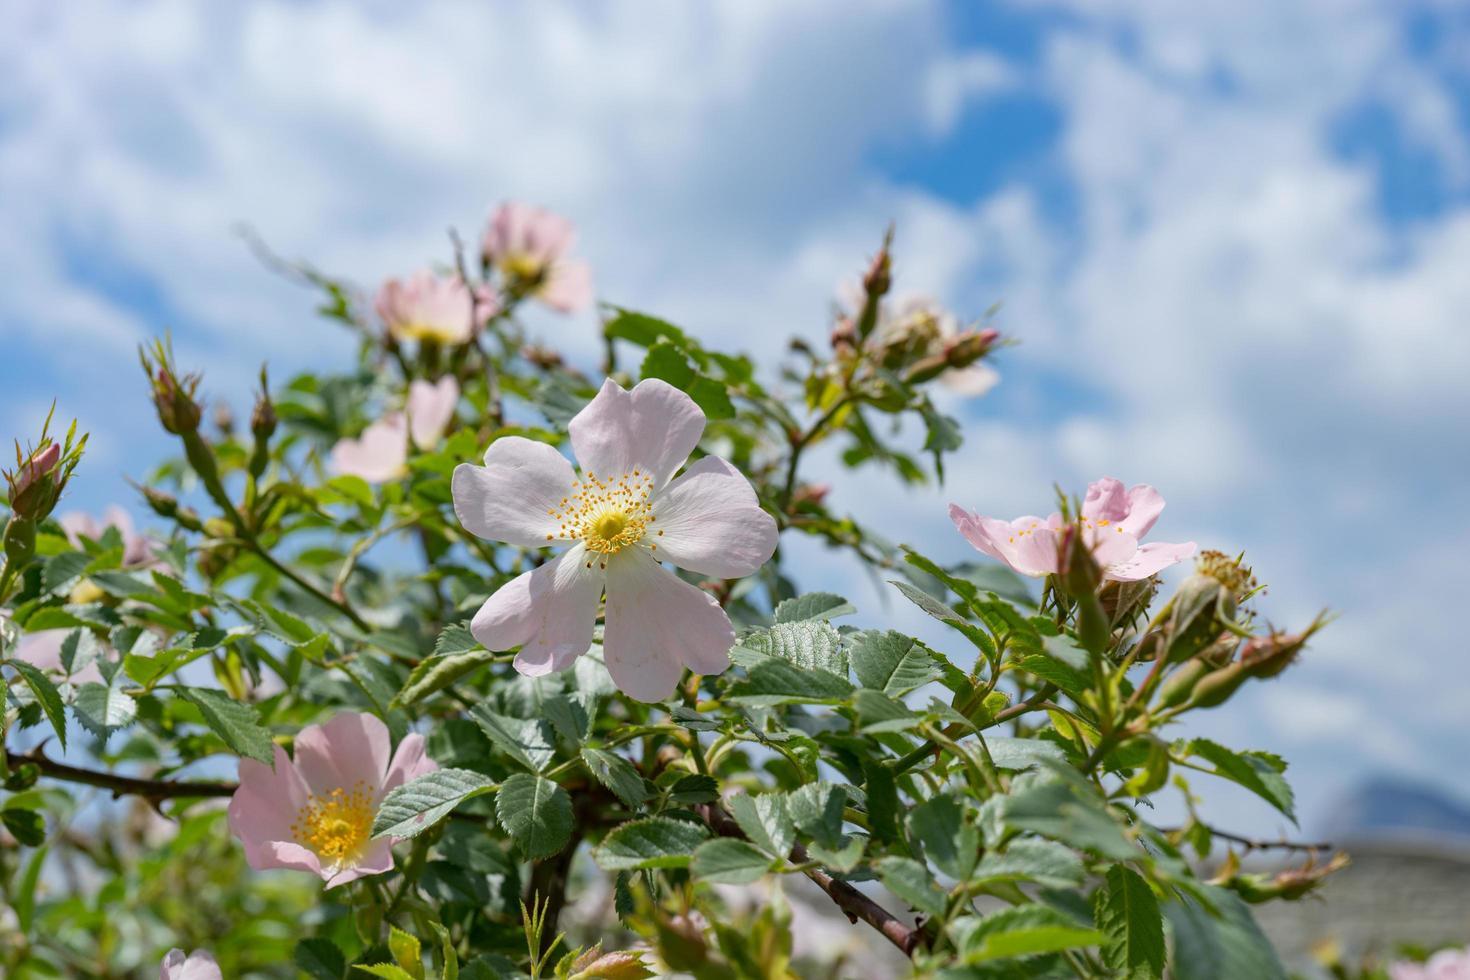 rosa rosblommor på en grön buske. foto